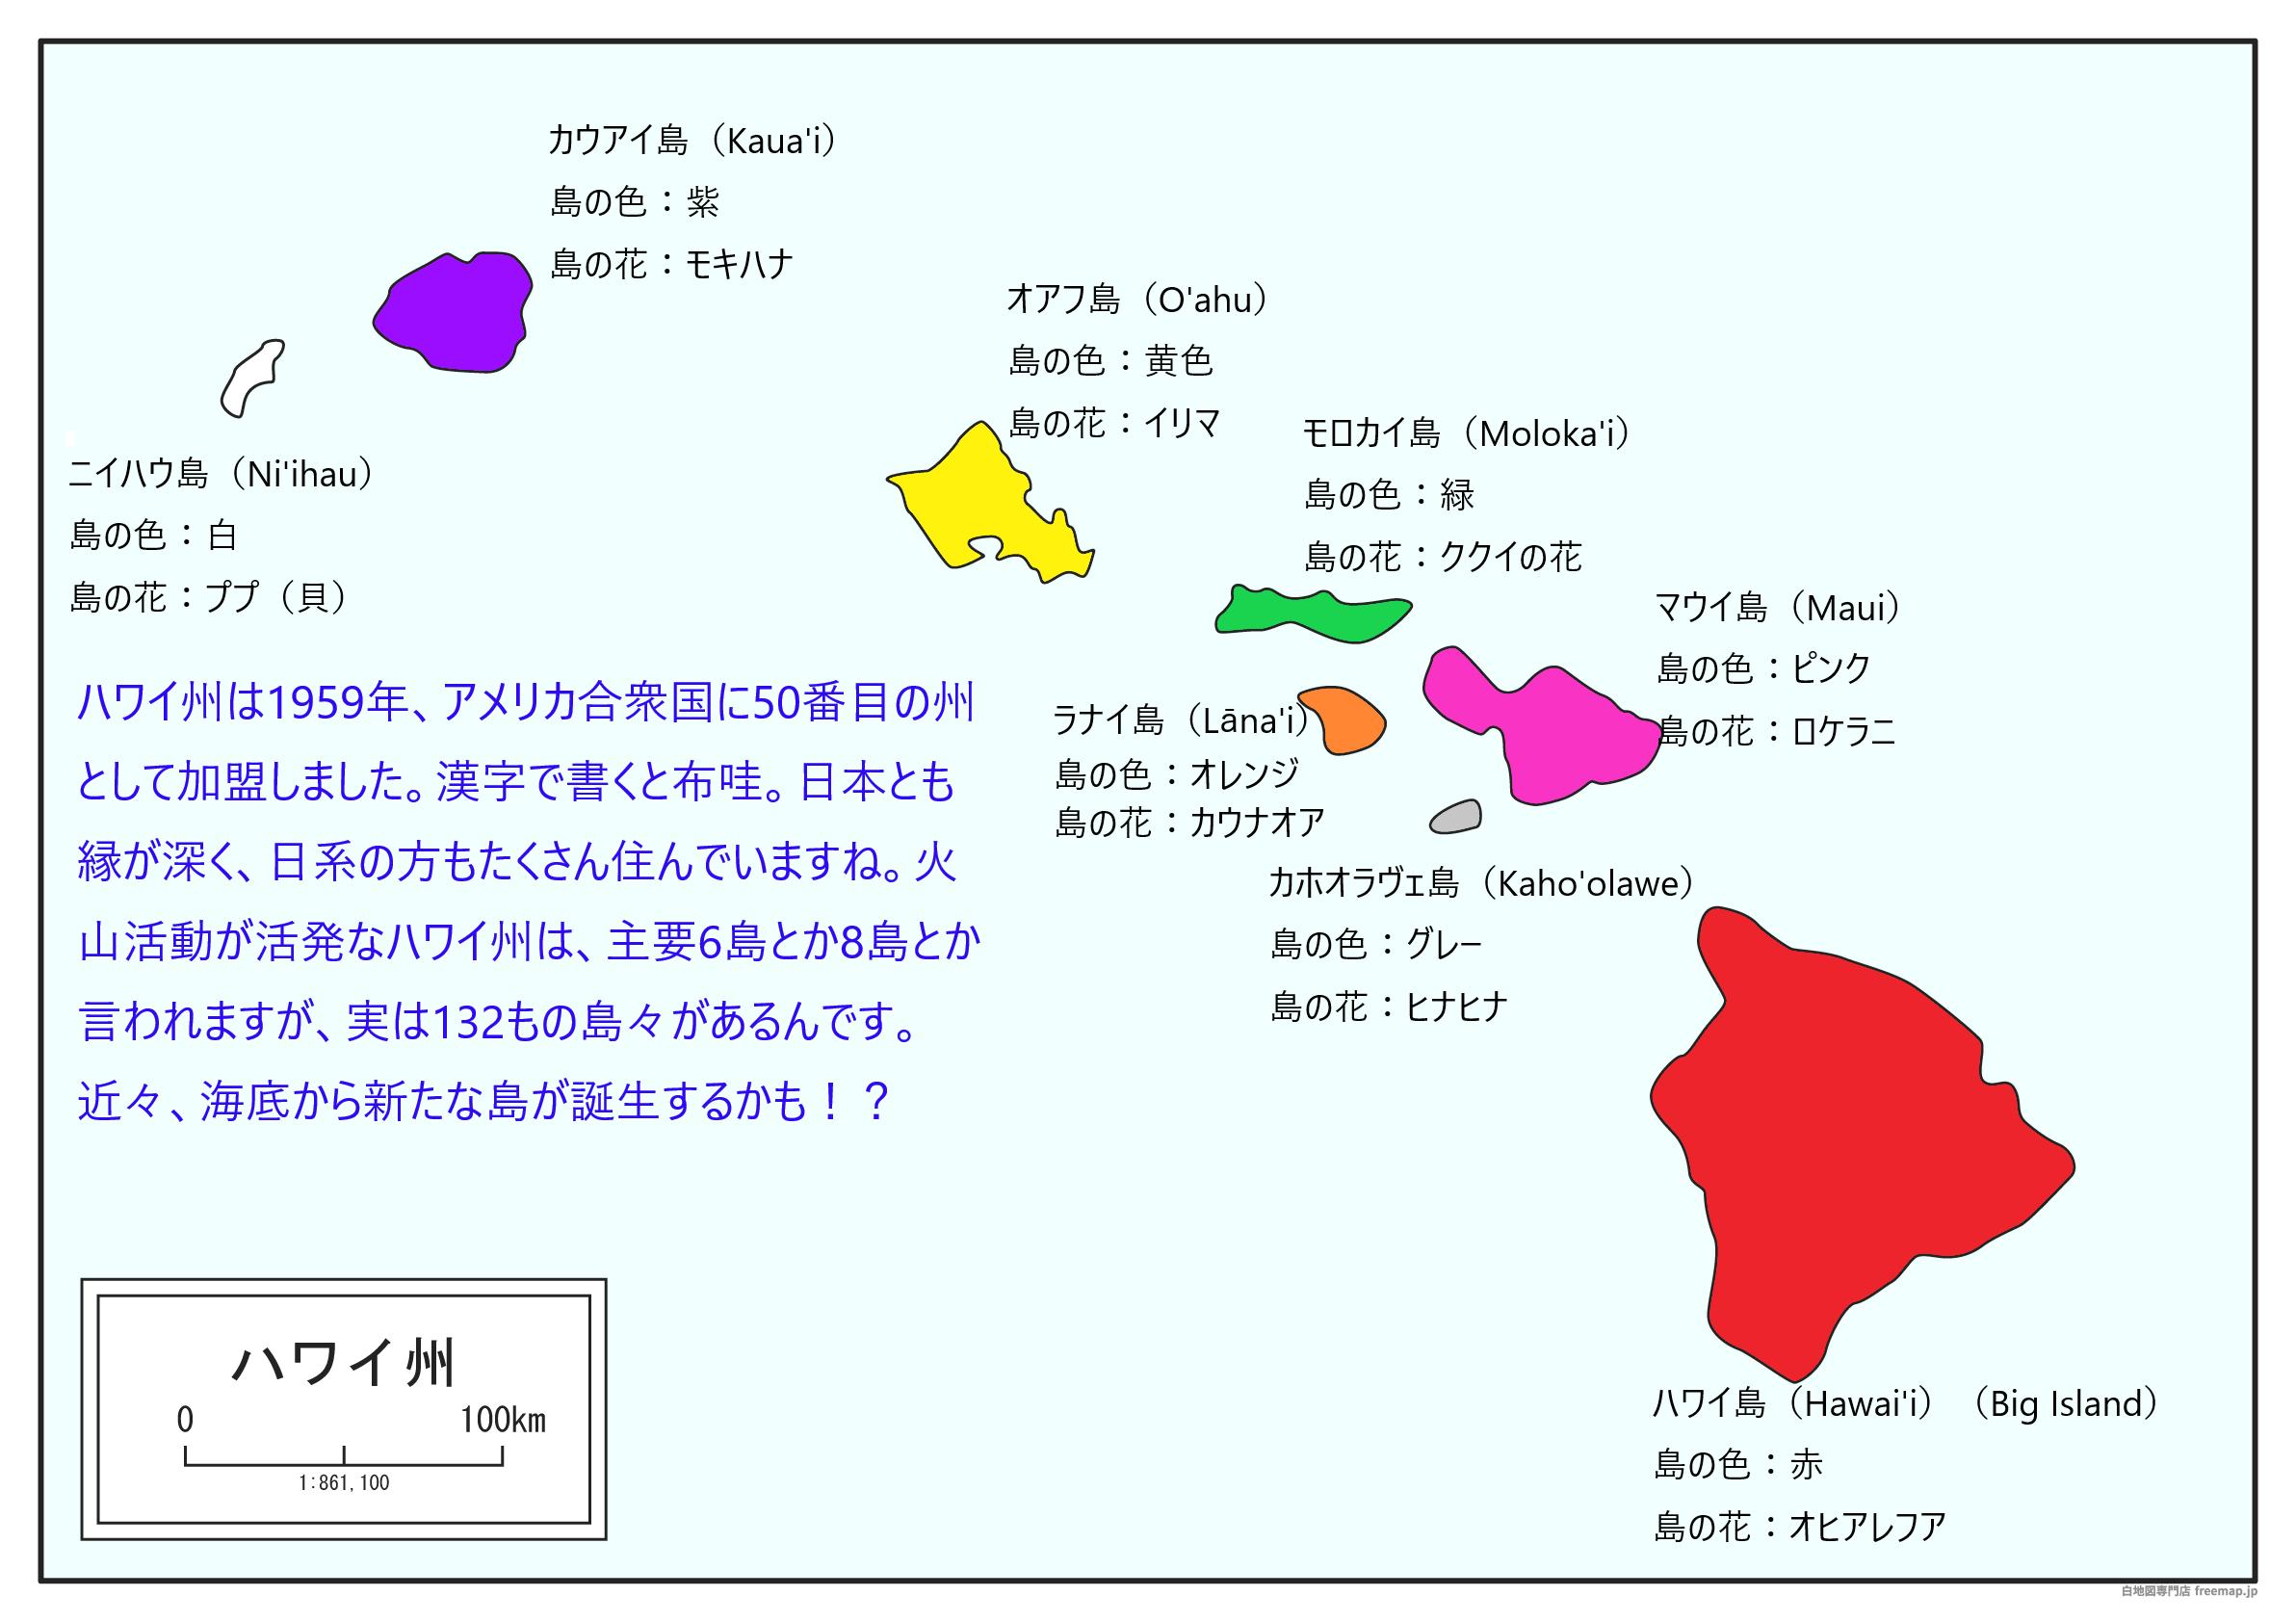 9hawaii map